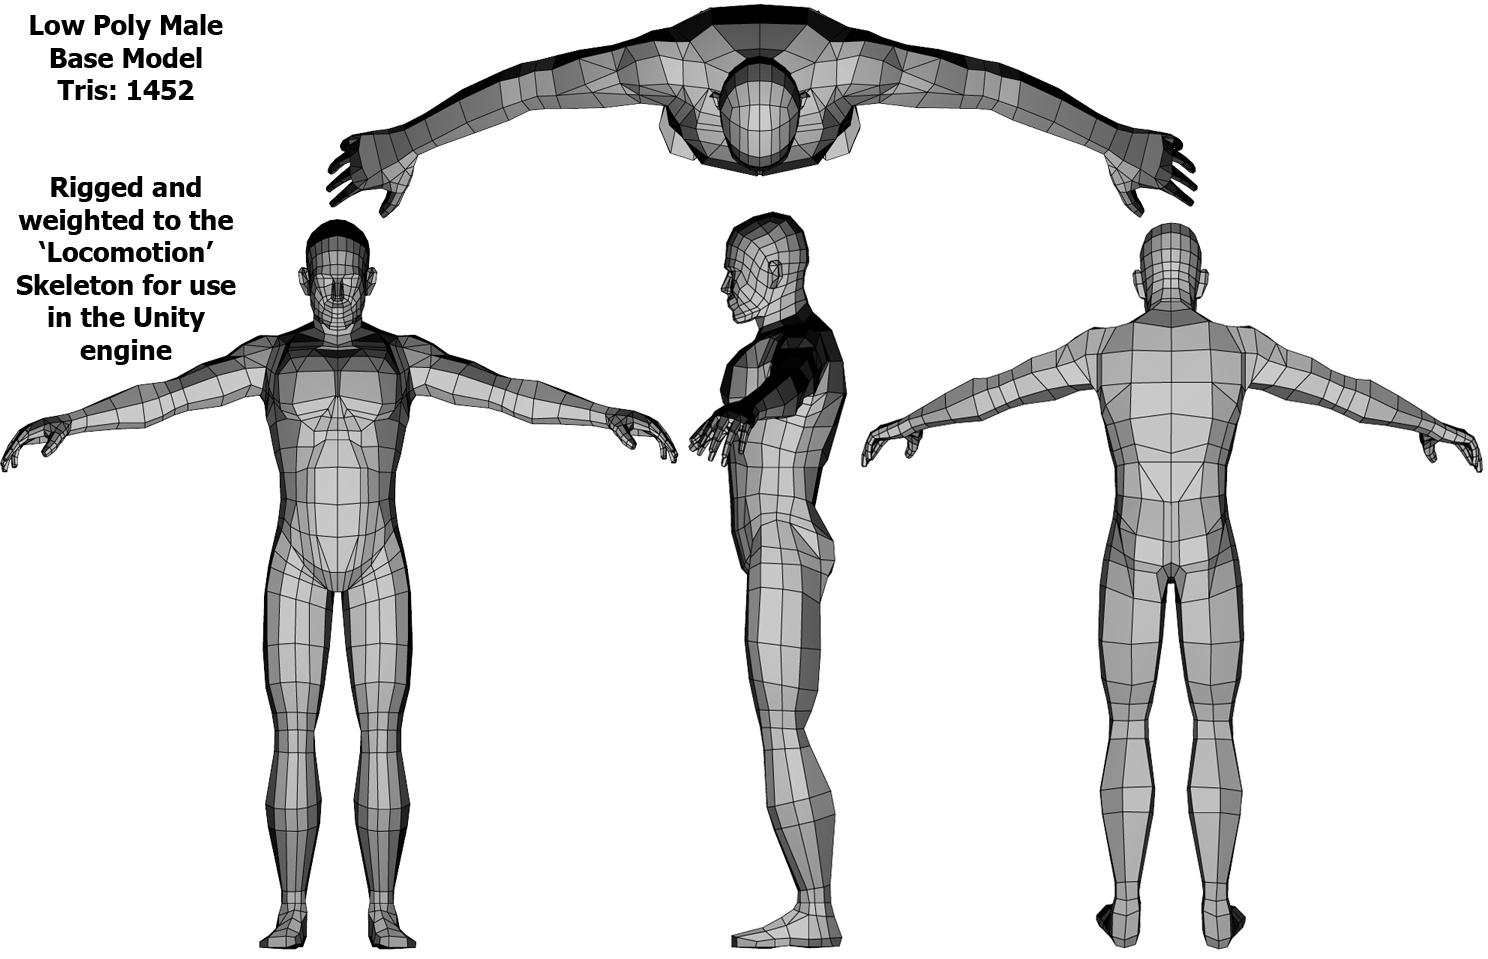 Imágenes en 3D para curar animales Levante EMV - imagenes de animales en 3d